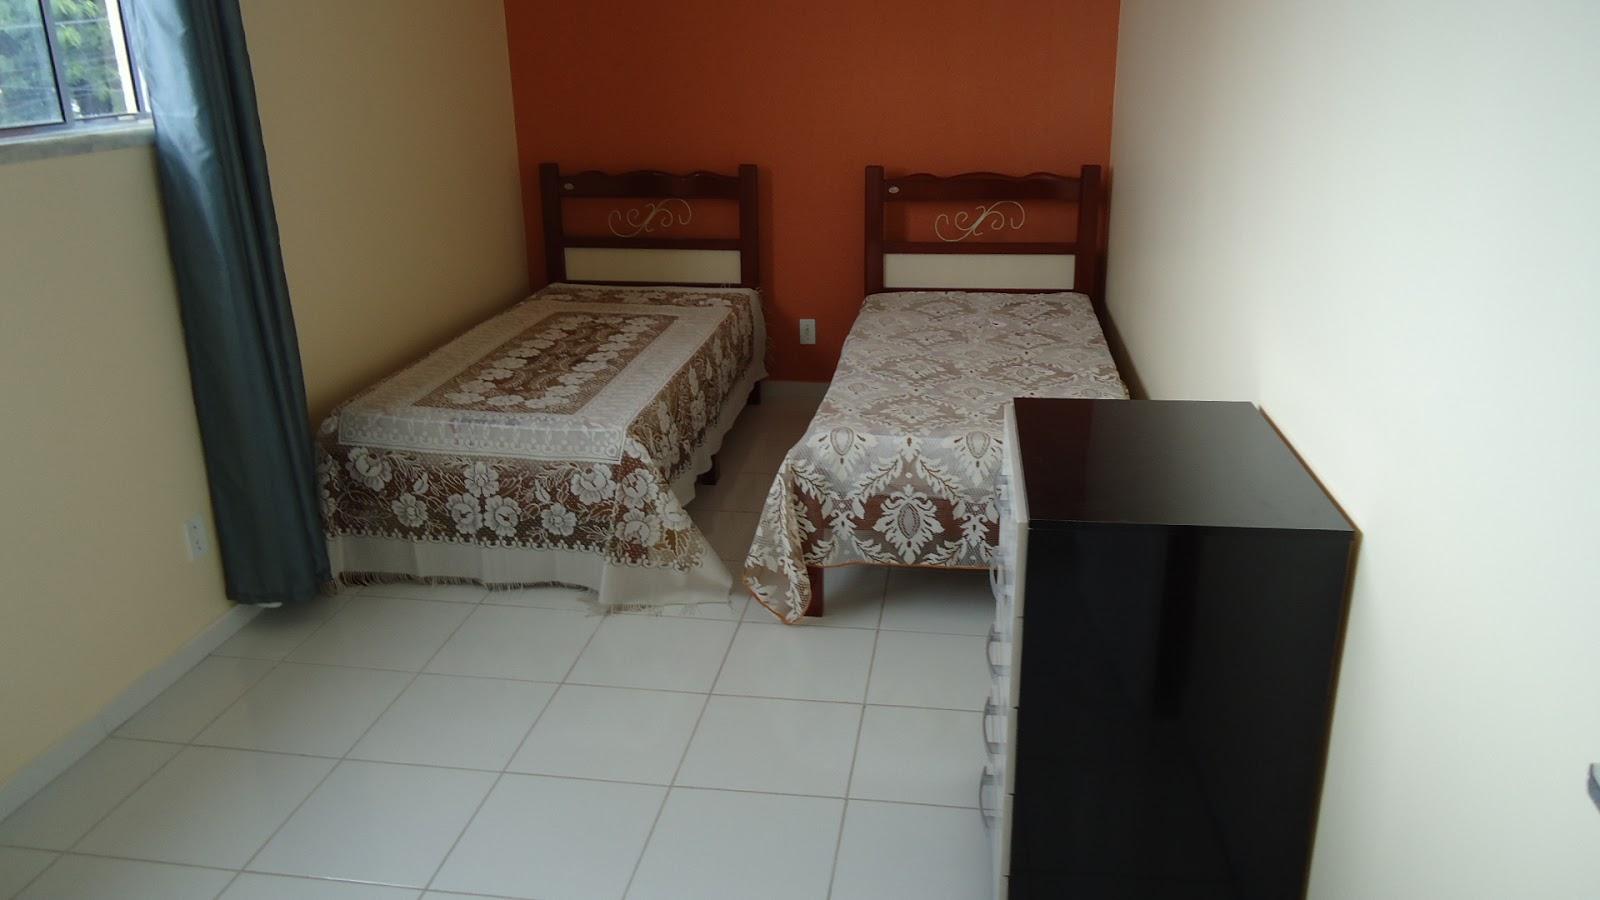 Foto de um dos quartos do pensionato Lar da Meninax (Fortaleza-CE)